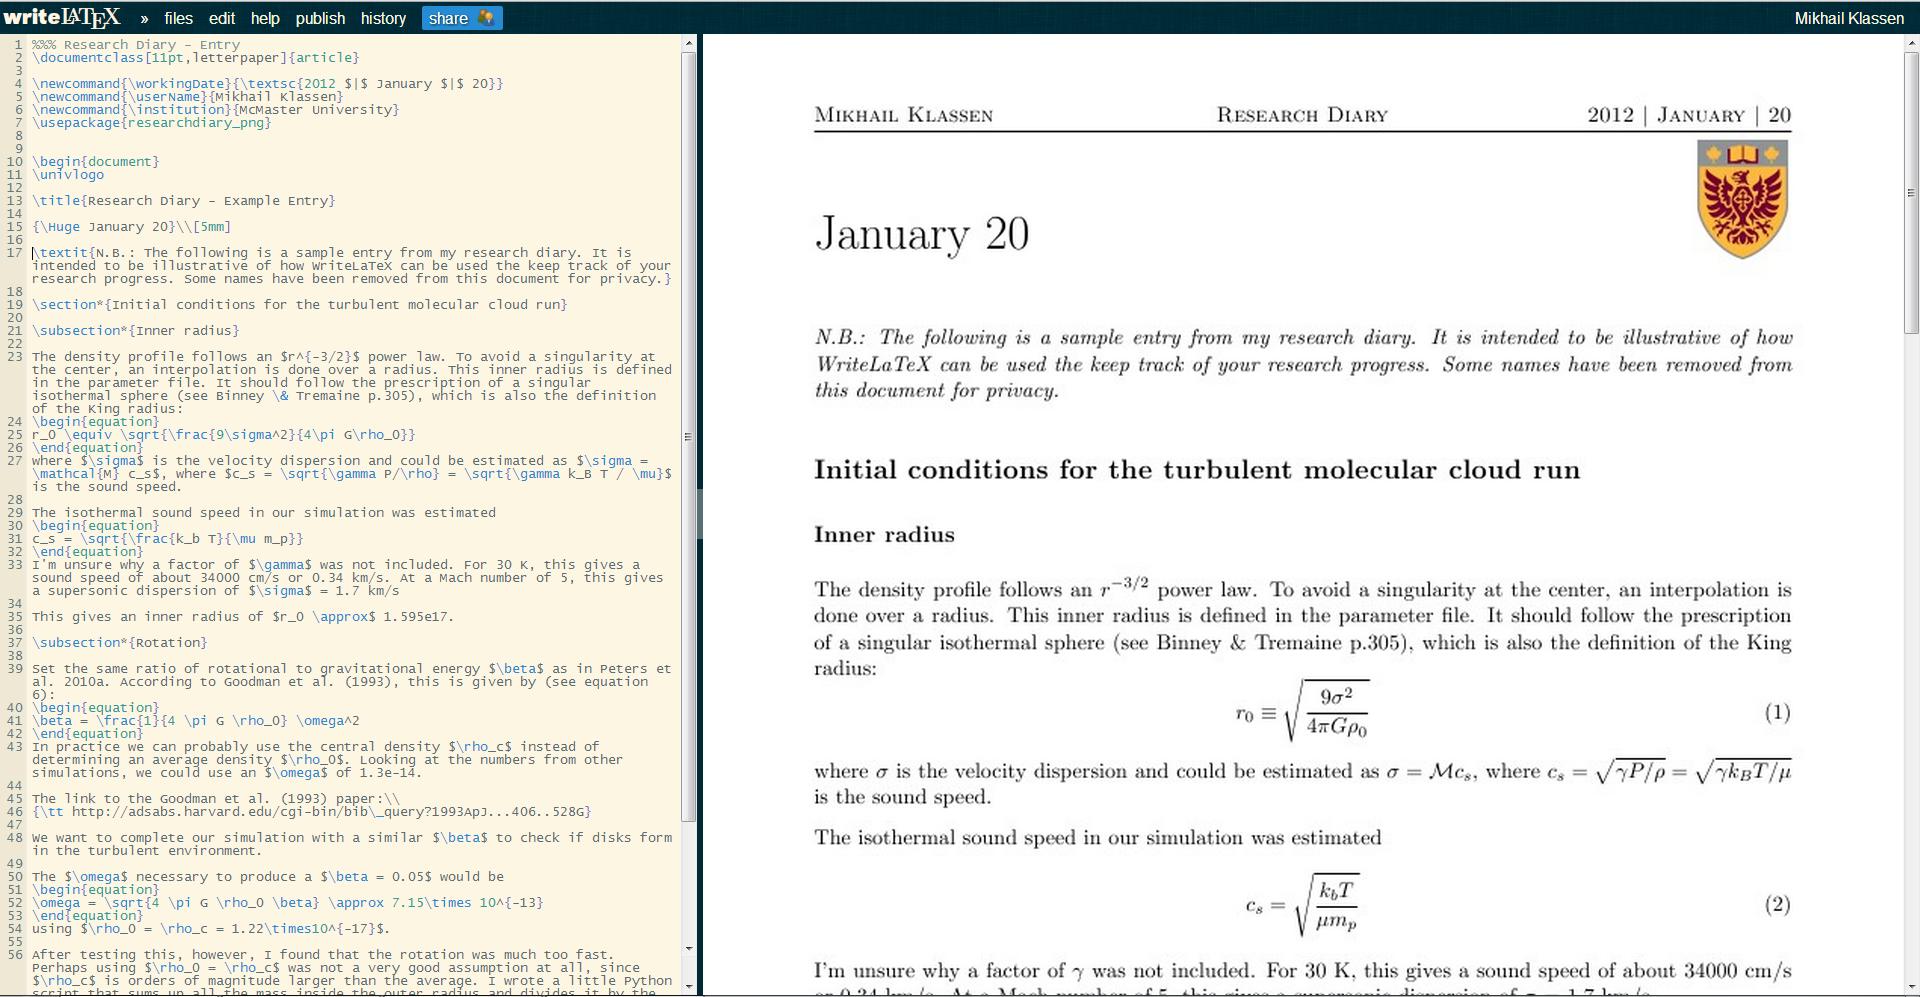 Klassen Research Diary Screenshot